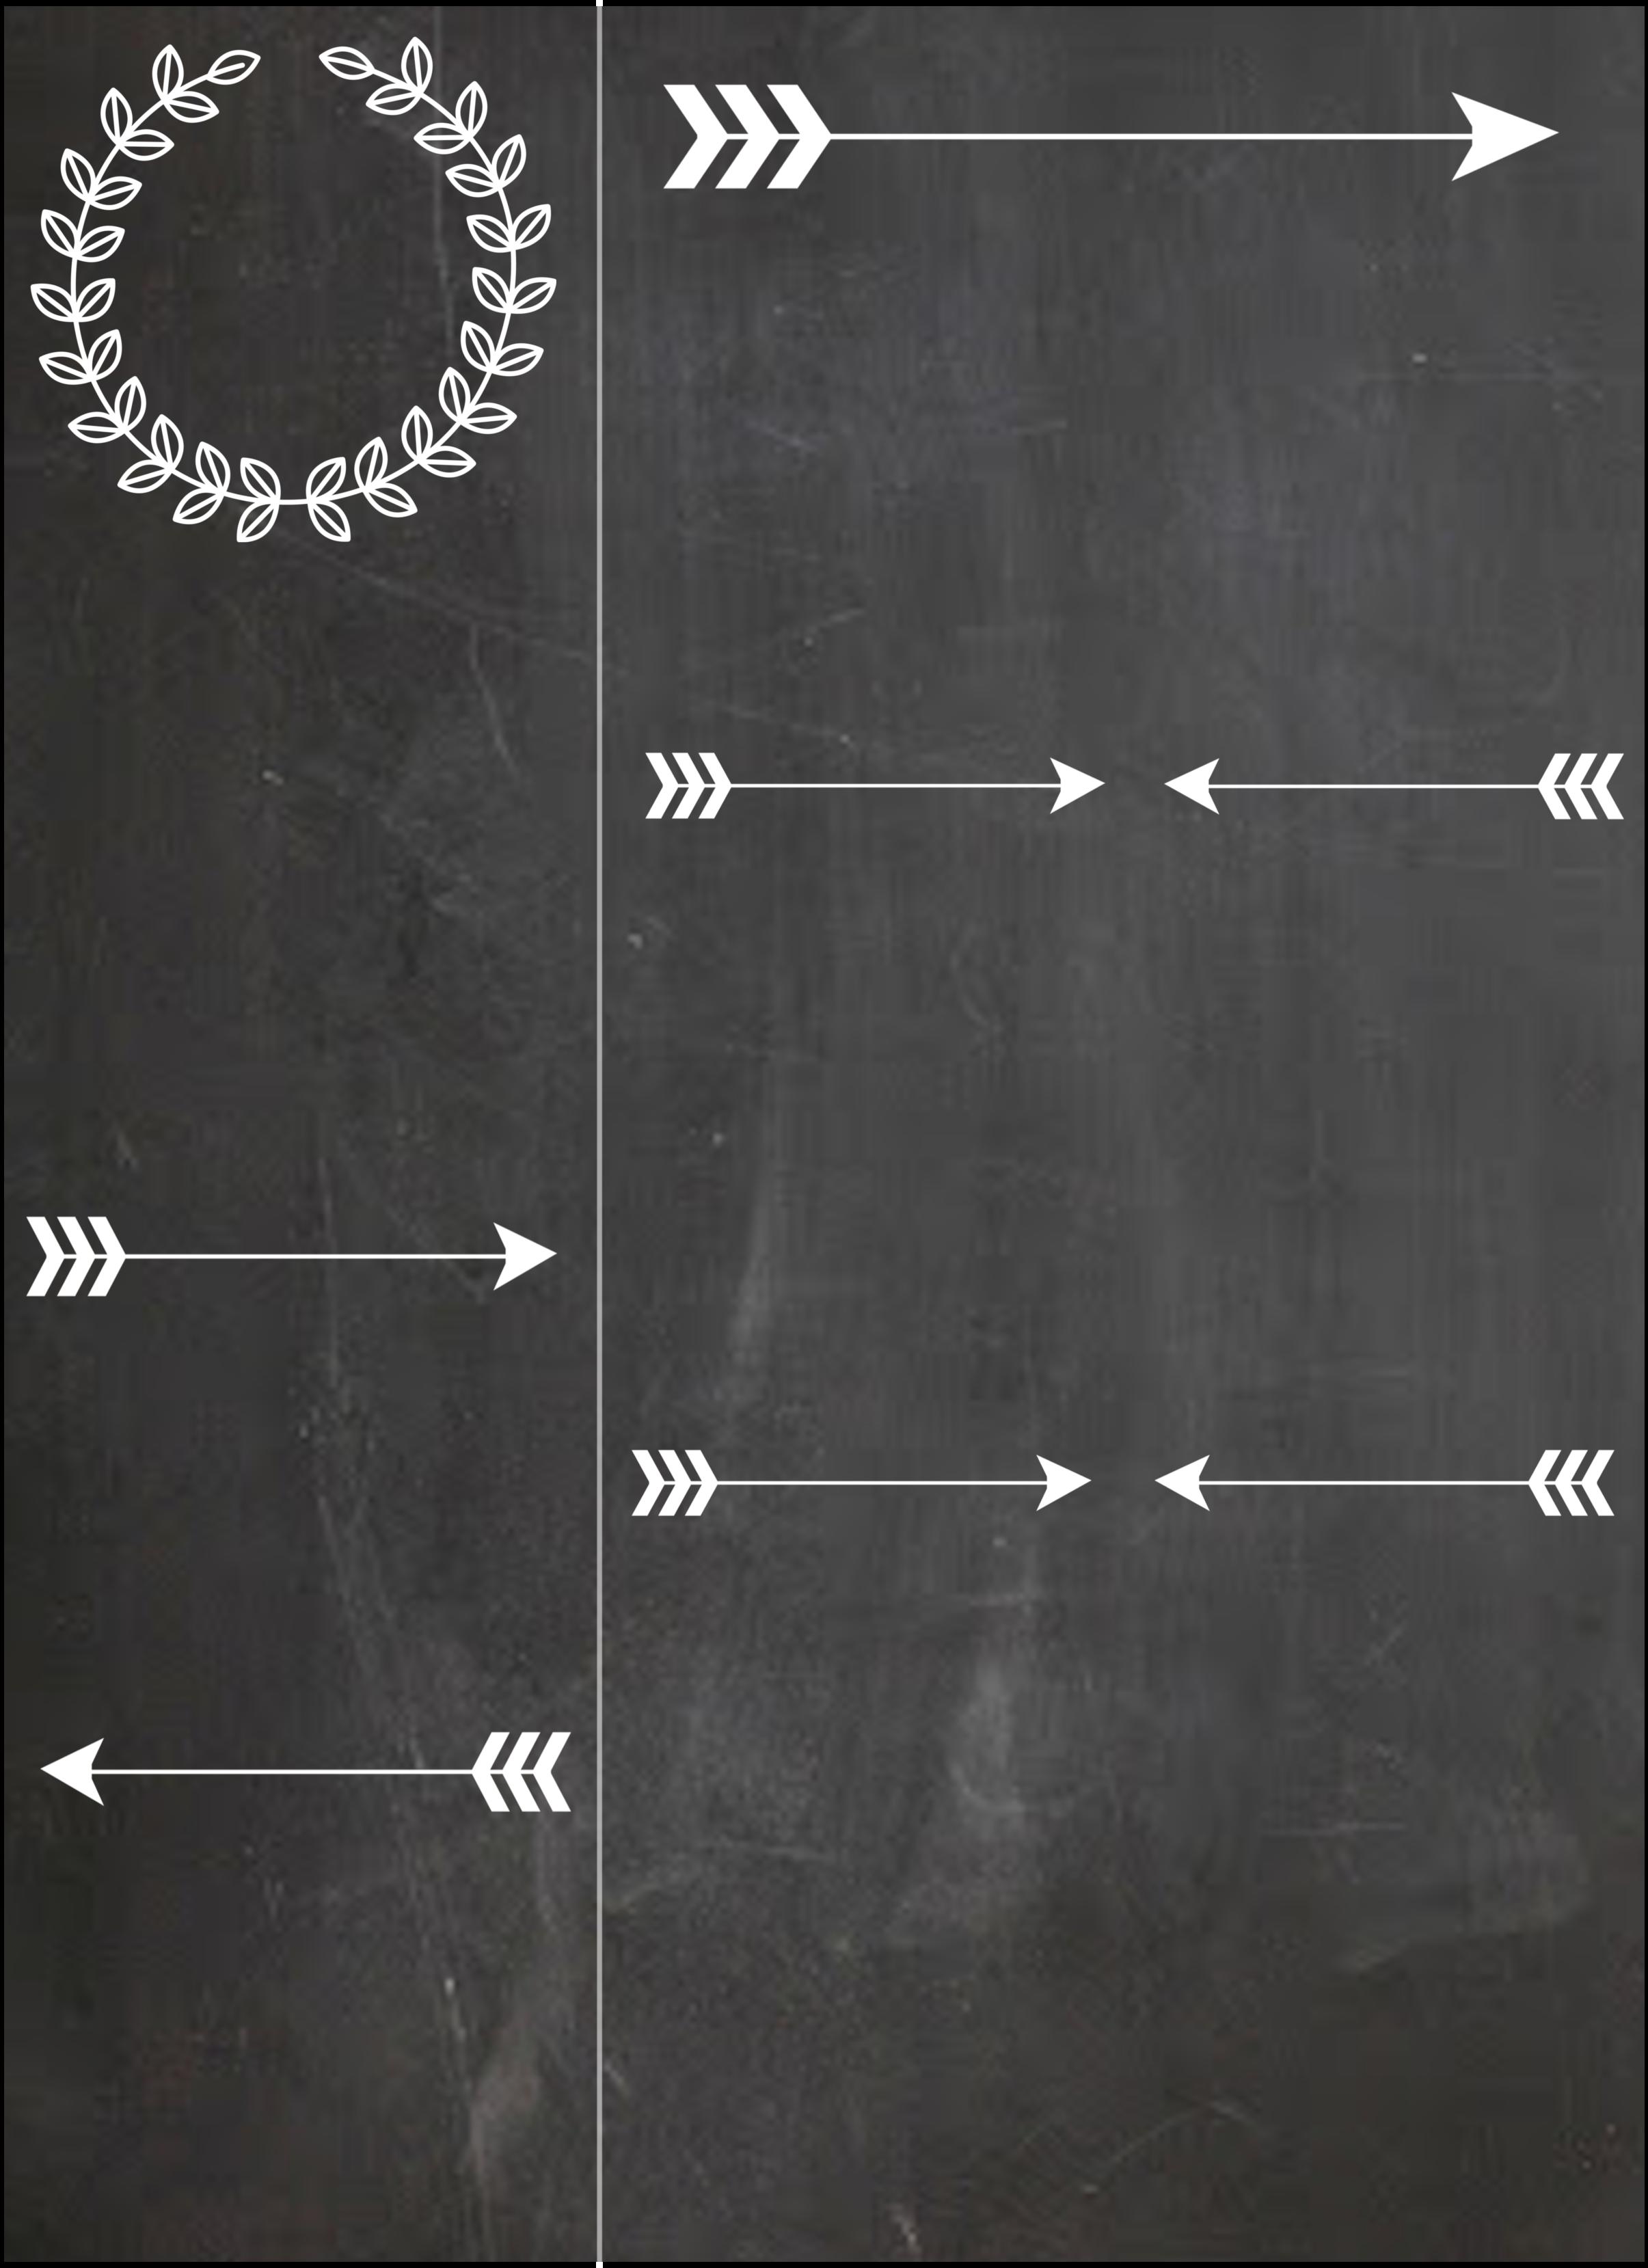 blank chalkboard invitation template blank chalkboard invitation template - Ideal.vistalist.co